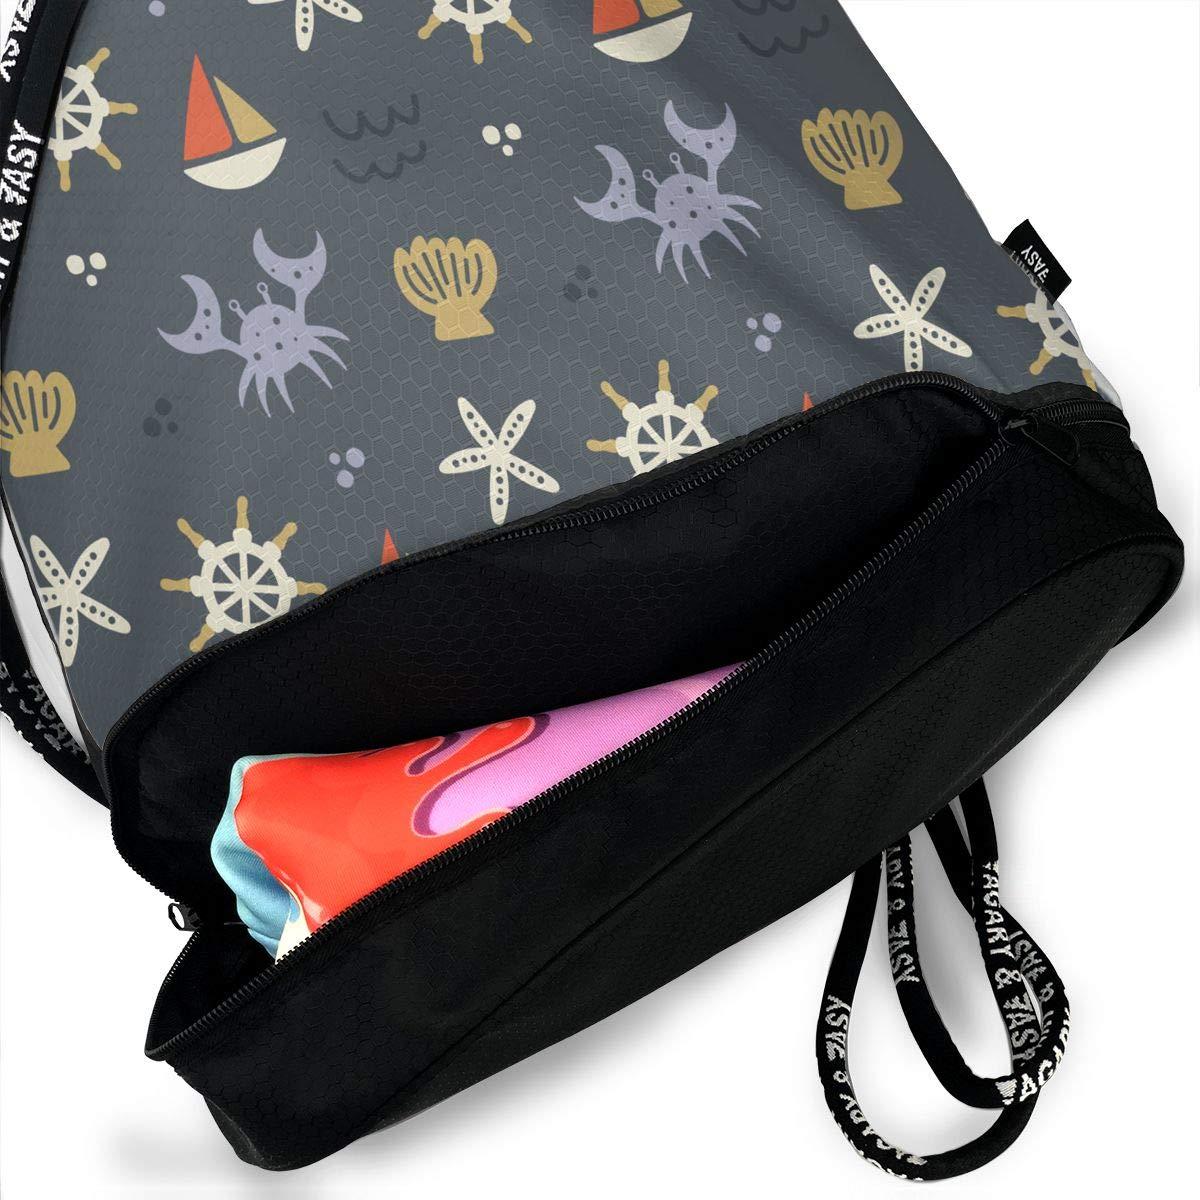 HUOPR5Q Dolphin Drawstring Backpack Sport Gym Sack Shoulder Bulk Bag Dance Bag for School Travel